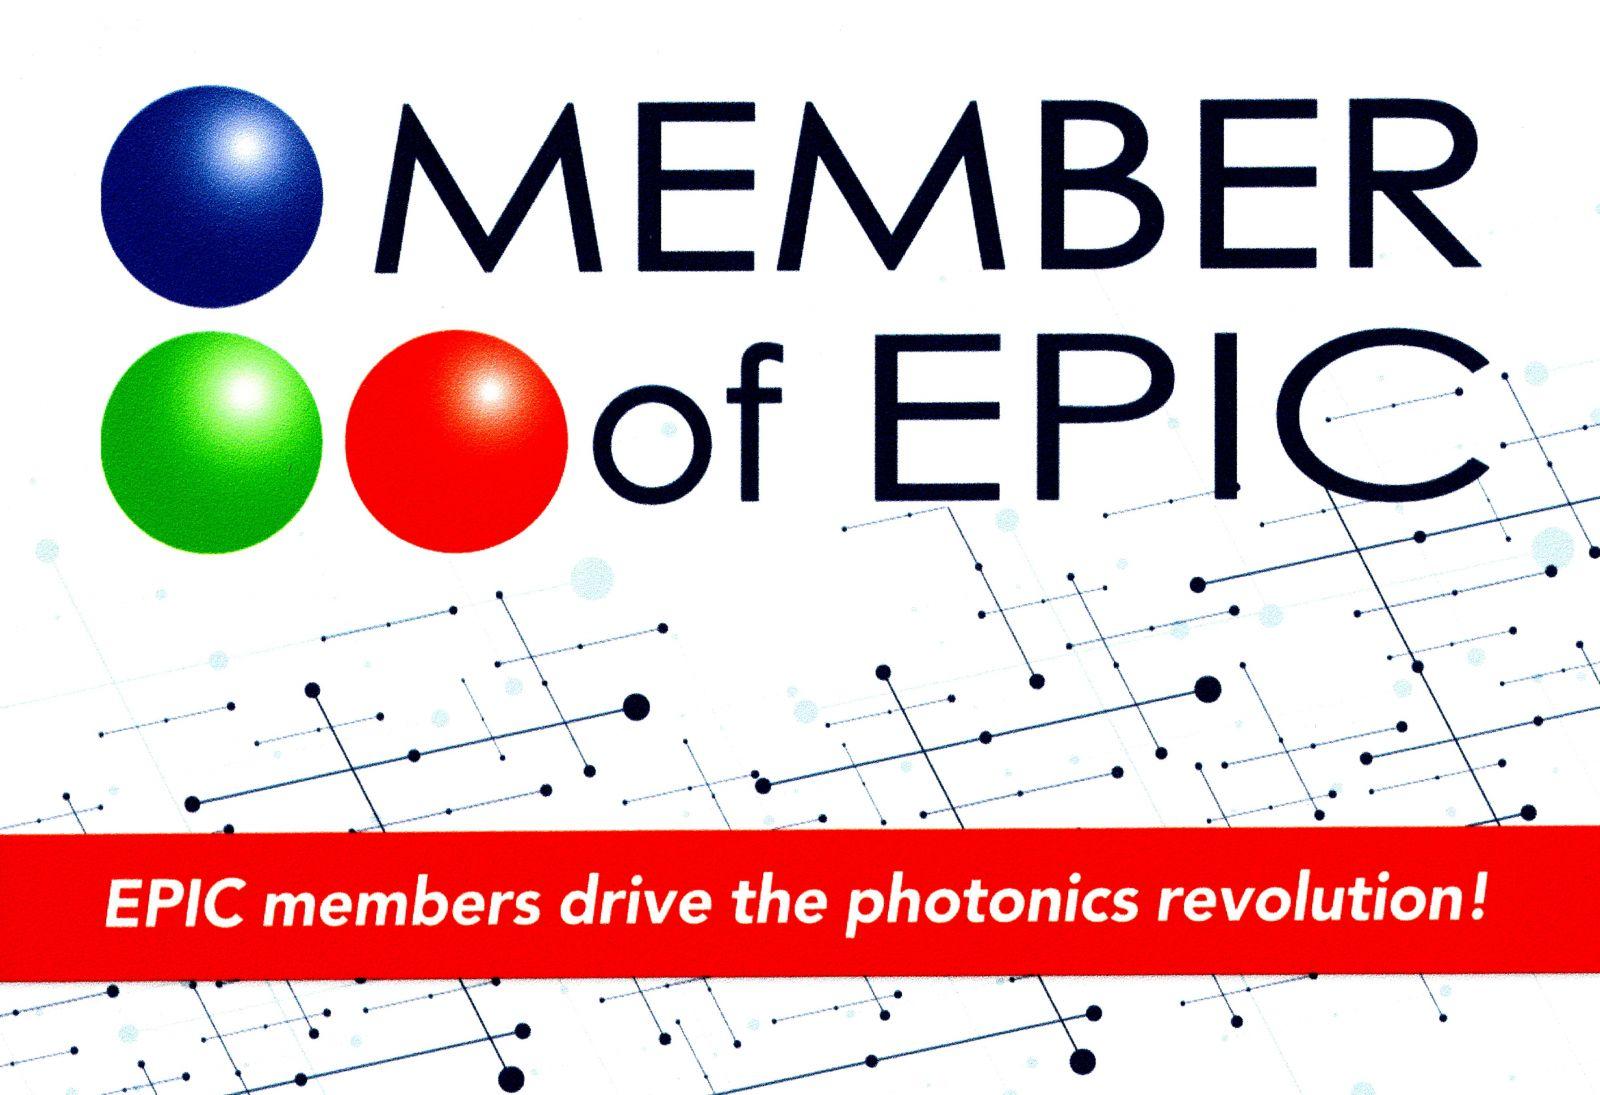 Европейский индустриальный консорциум по фотонике - EPIC